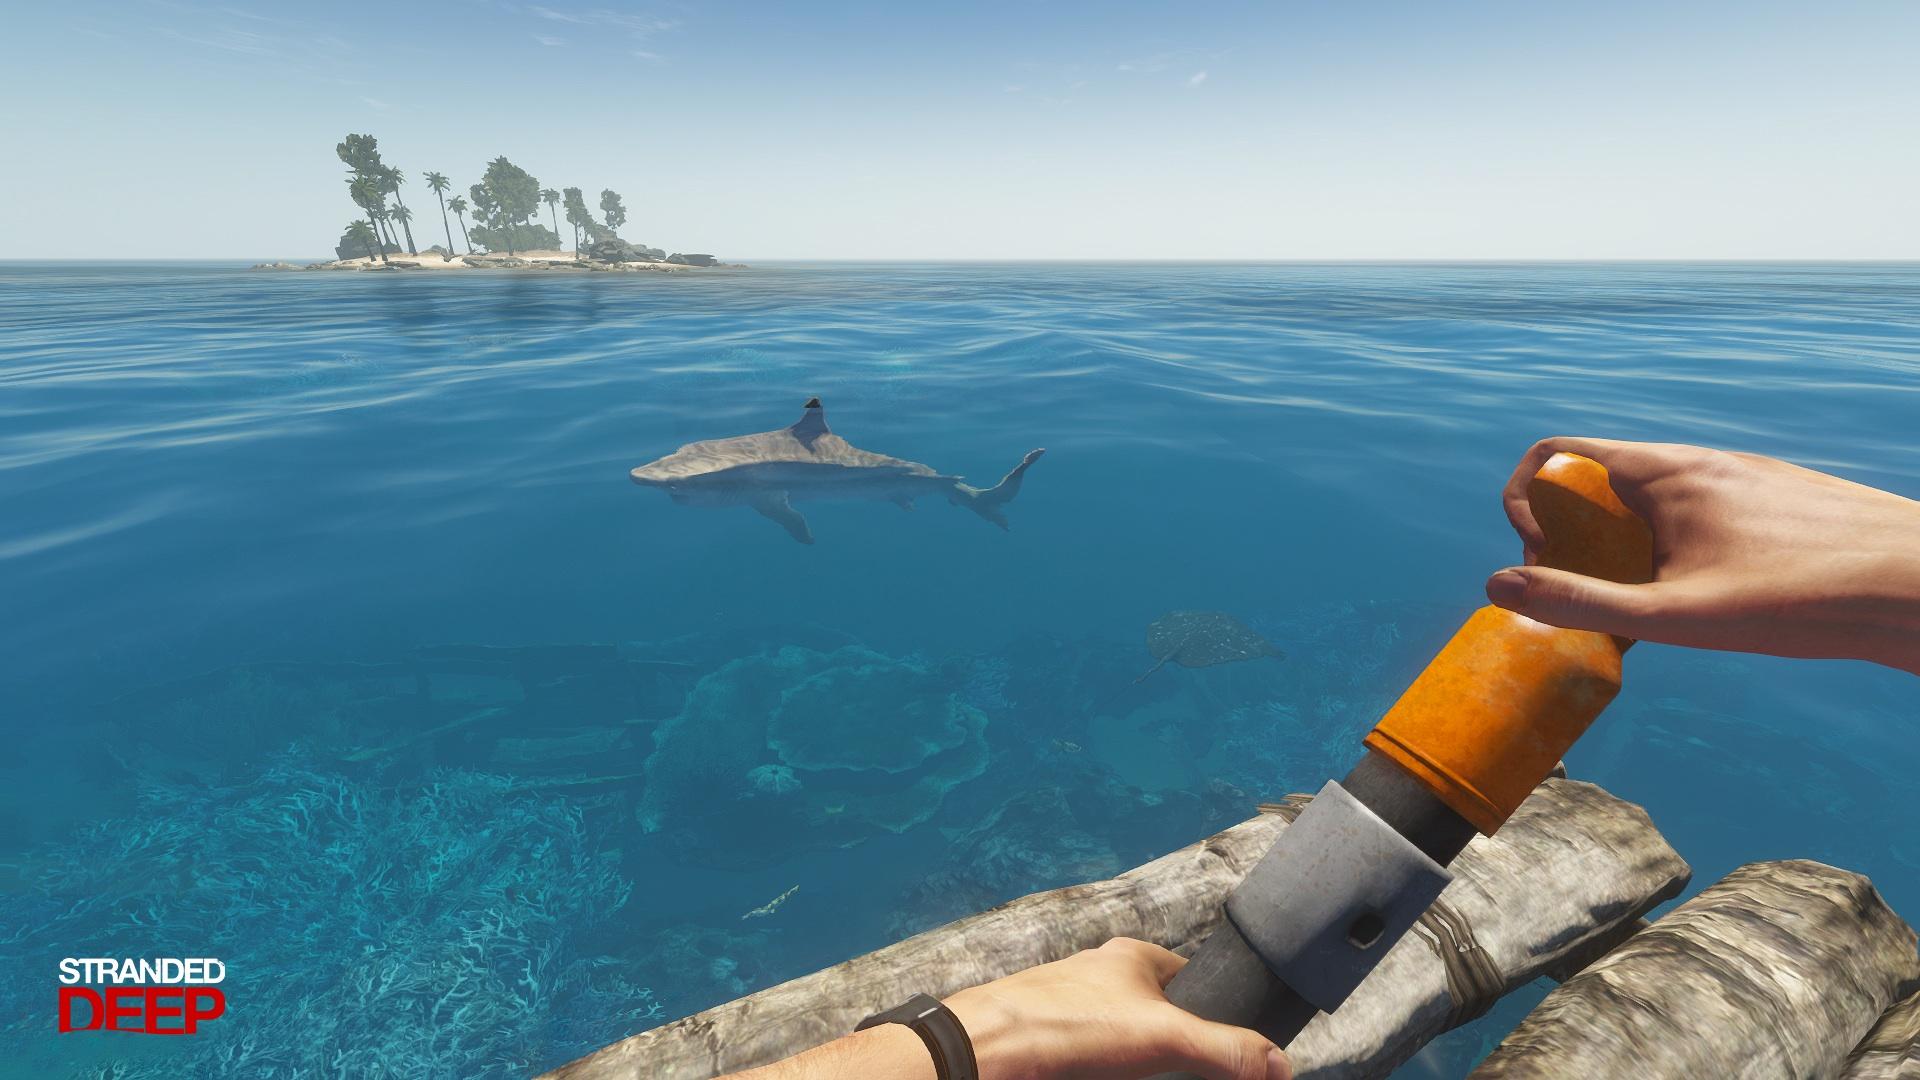 Přežili byste na ostrově? Vyzkoušet si to můžete ve hře Stranded Deep 104950